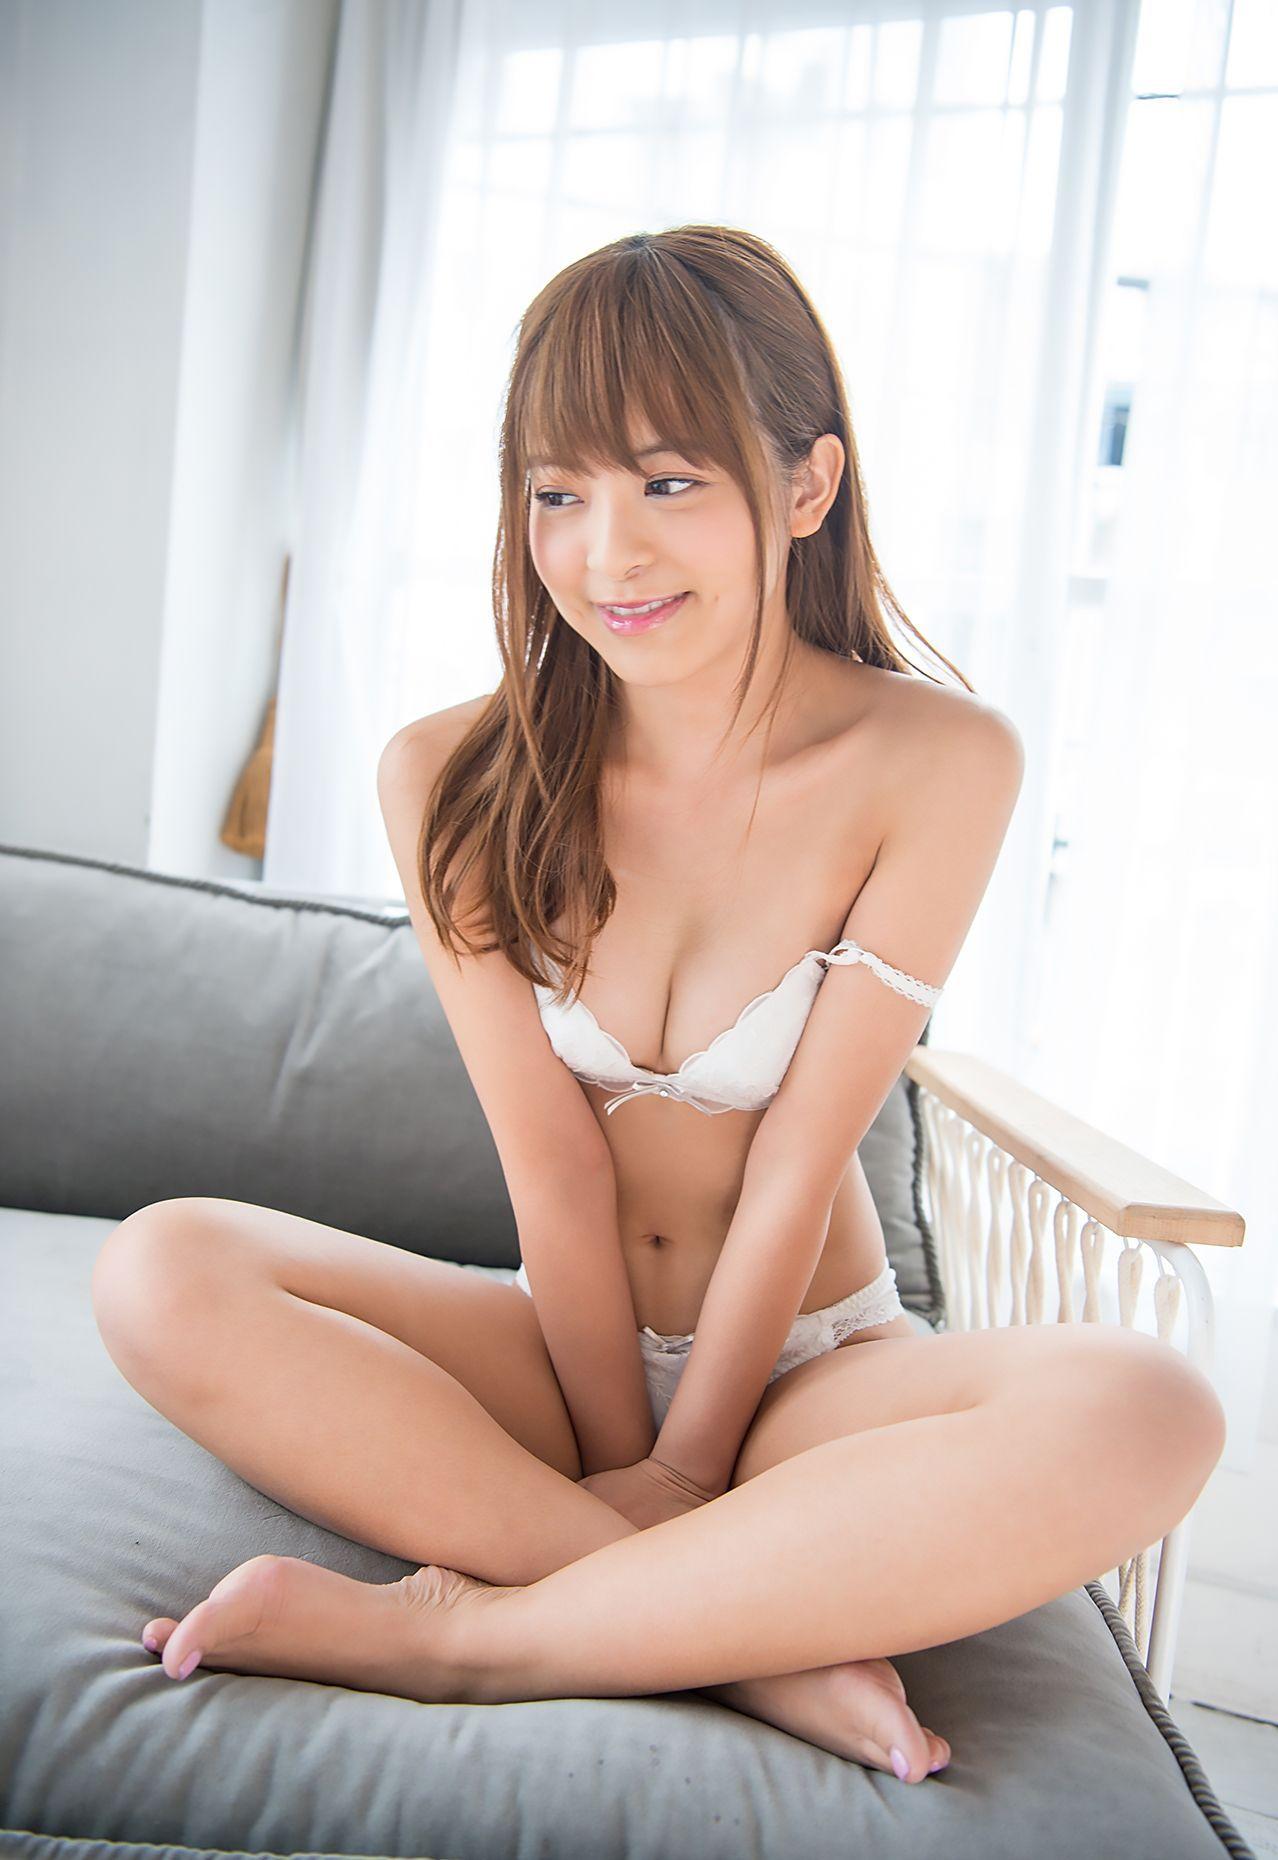 三次元 3次元 エロ画像 AV女優 べっぴん娘通信 02